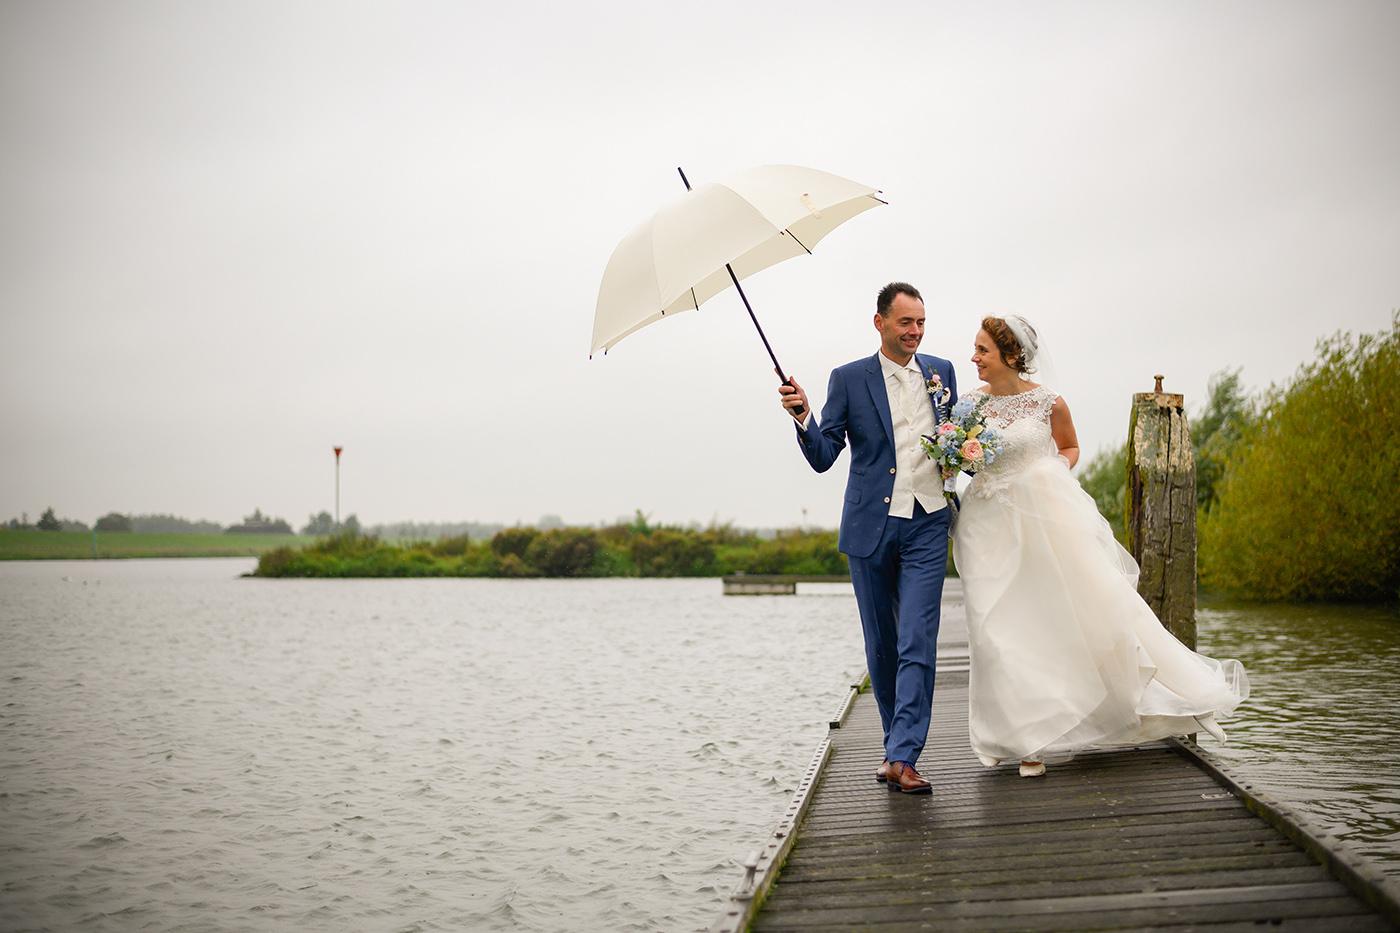 bruidsfotografie, fotograaf Wouter van Middendorp, omgeving Rhenen, Veenendaal 01